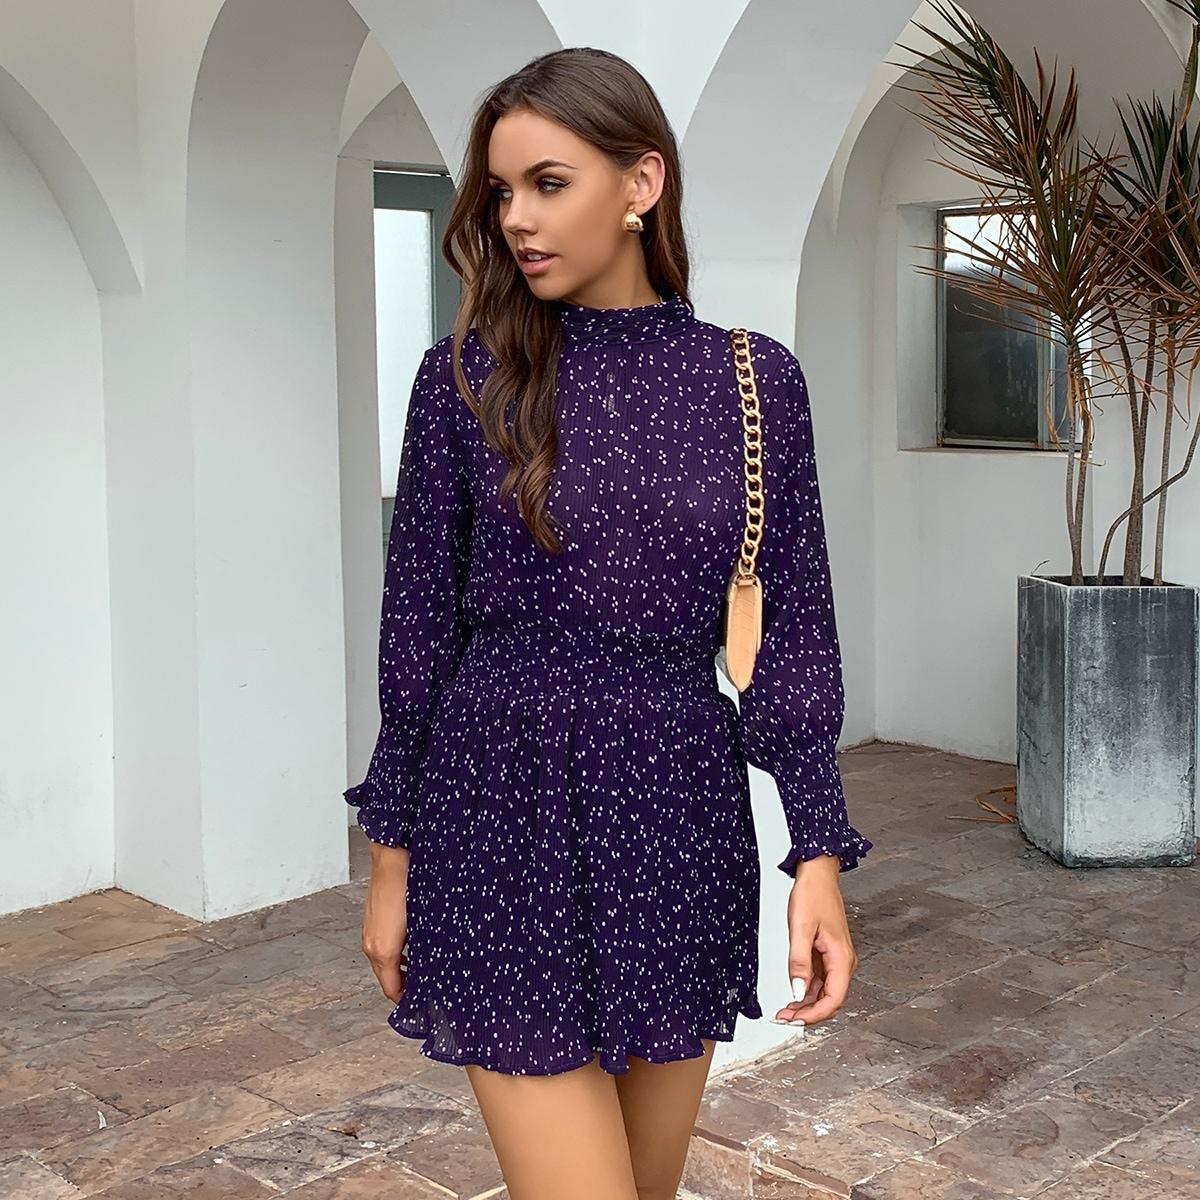 SHEIN / Kleid mit Punkten Muster, geraffter Taille und Schlitz